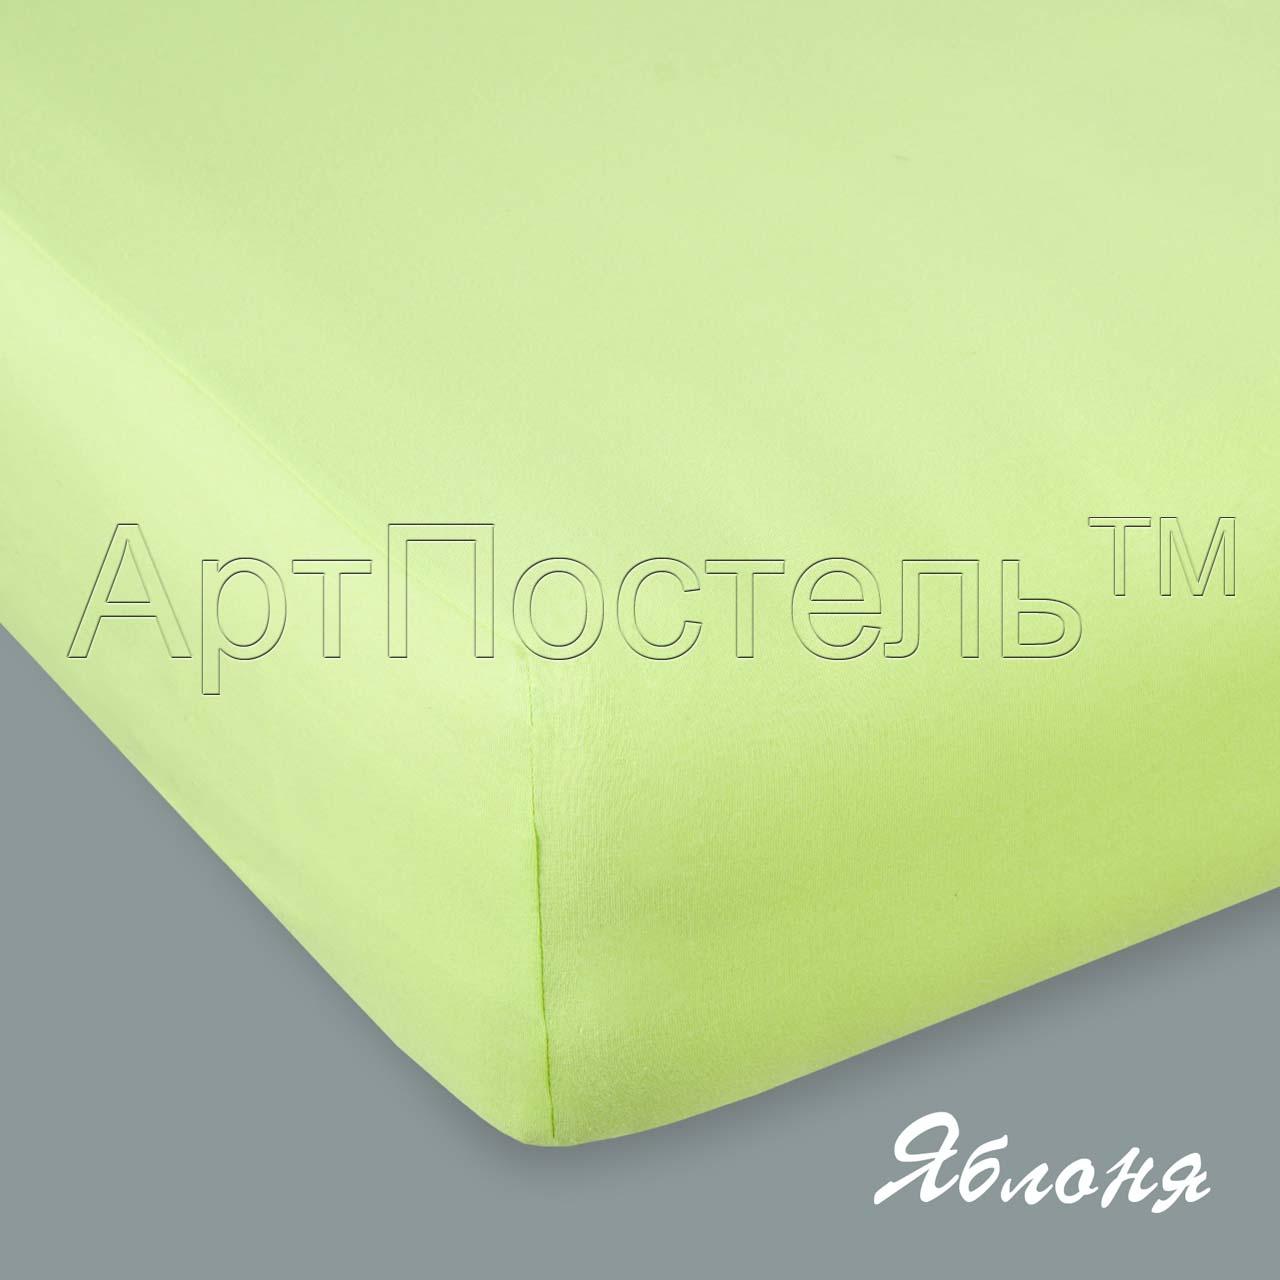 Простыня на резинке Яблоня, размер 180х200 смПростыни<br>Плотность ткани:145 г/кв. м<br>Высота матраса:20 см<br><br>Тип: Простыня<br>Размер: 180х200<br>Материал: Кулирка